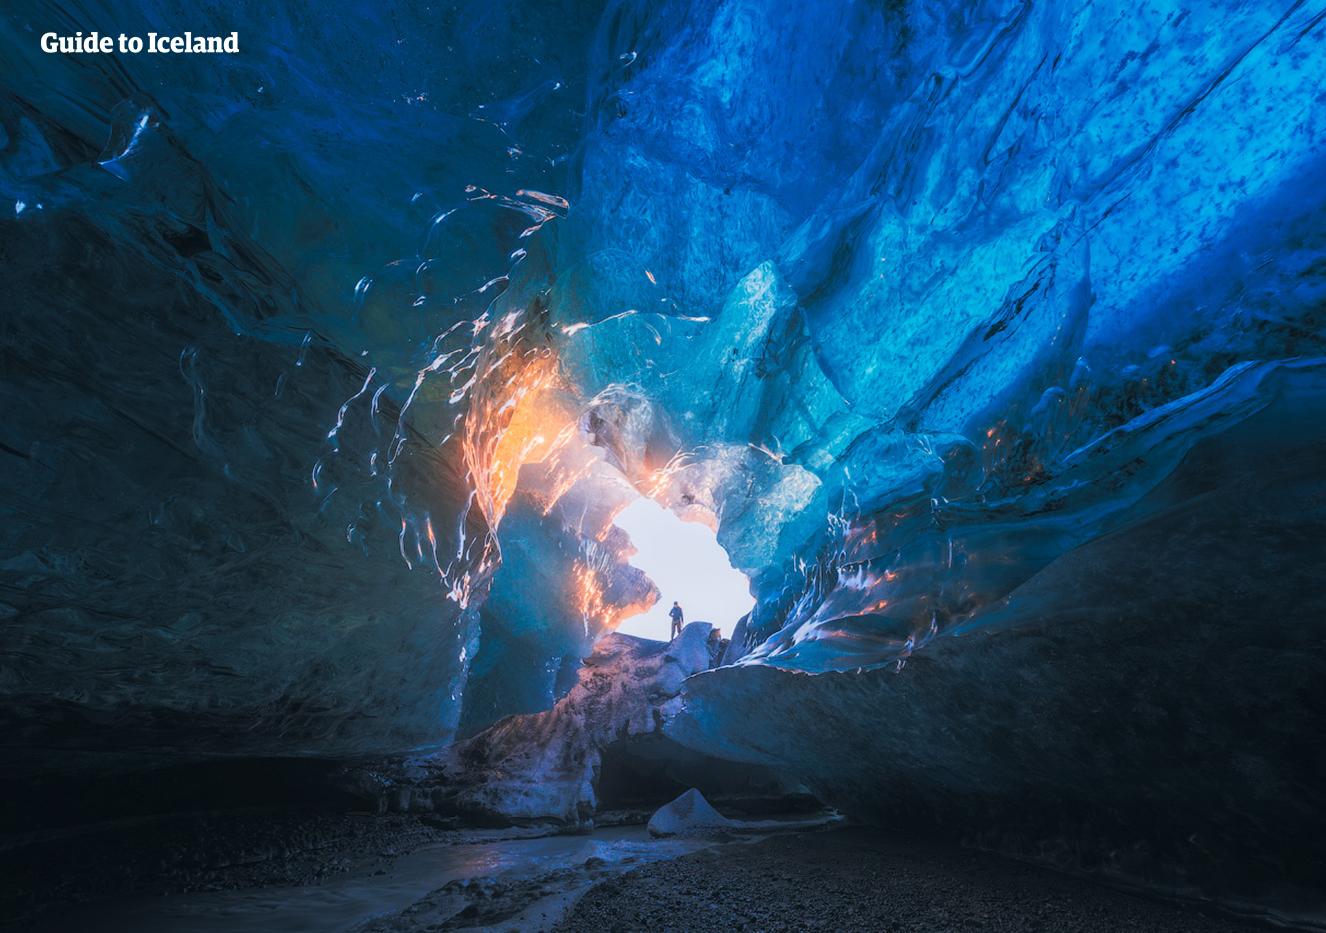 ภายใต้ธารน้ำแข็งวัทนาโจกุล มีโครงข่ายของถ้ำน้ำแข็งที่นักท่องเที่ยวที่มาเยือนประเทศไอซ์แลนด์ผู้โชคดีเท่านั้นที่จะมีโอกาสได้เข้าไปสำรวจ.